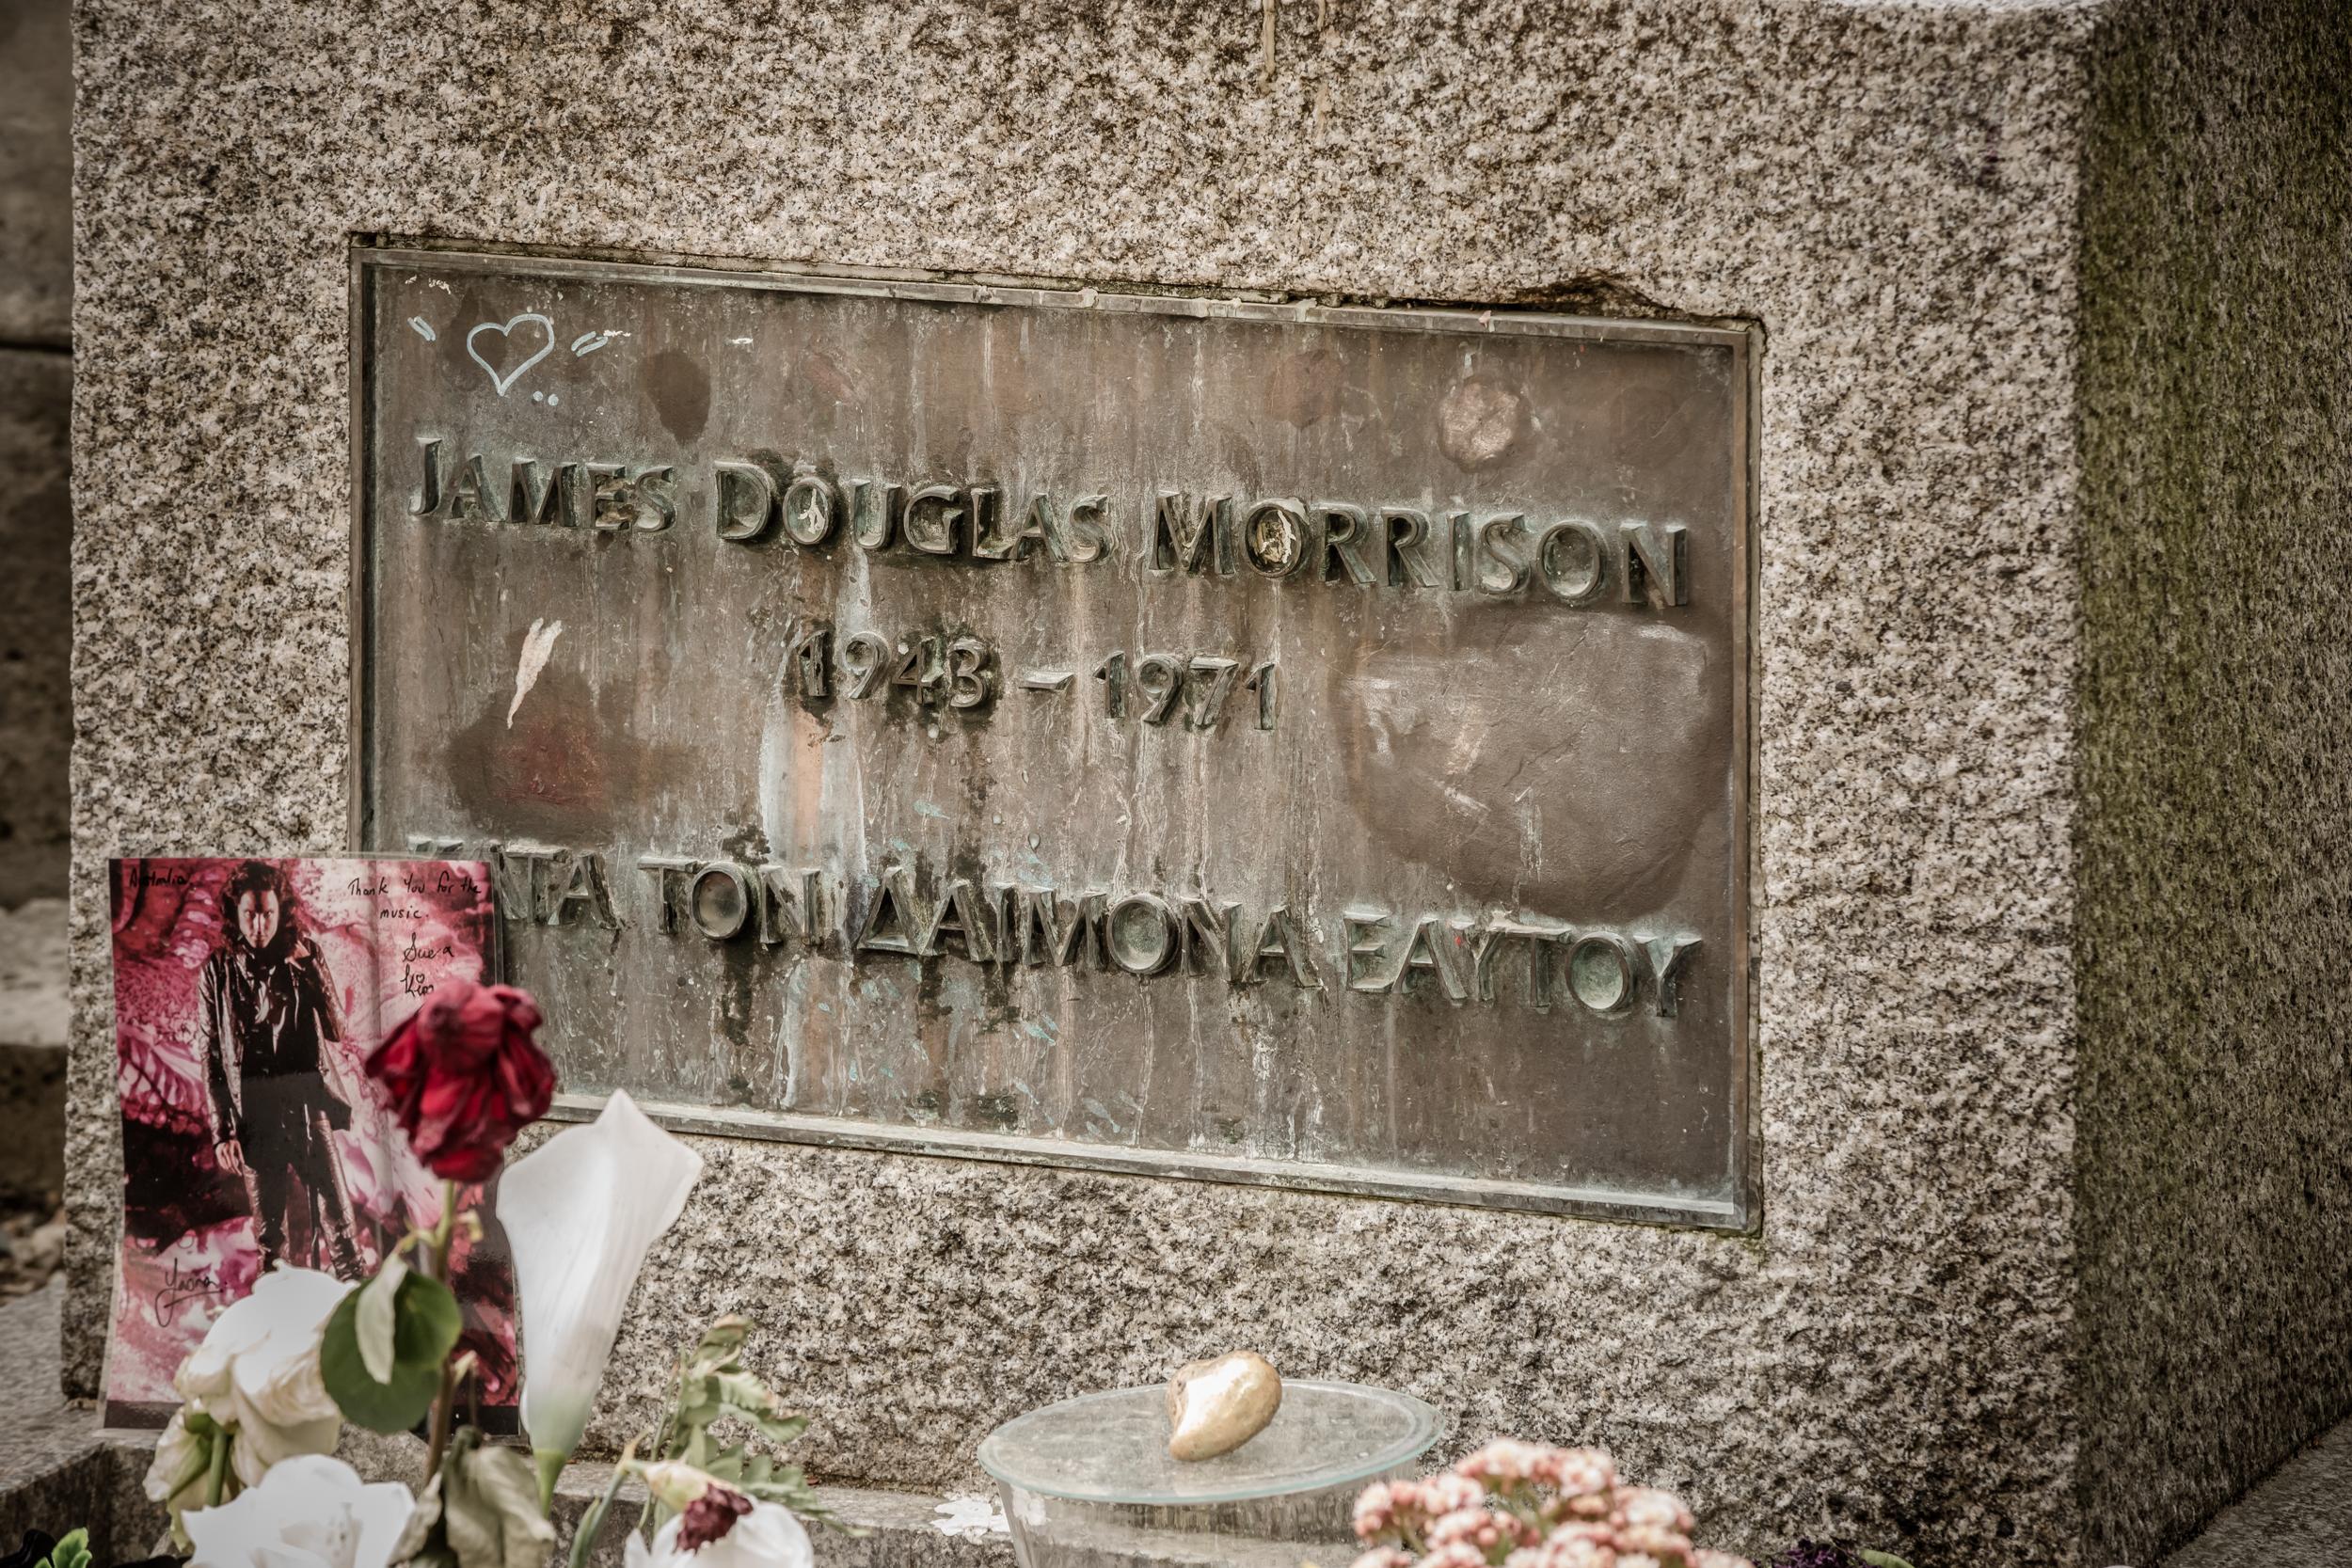 Jim Morrison's Grave